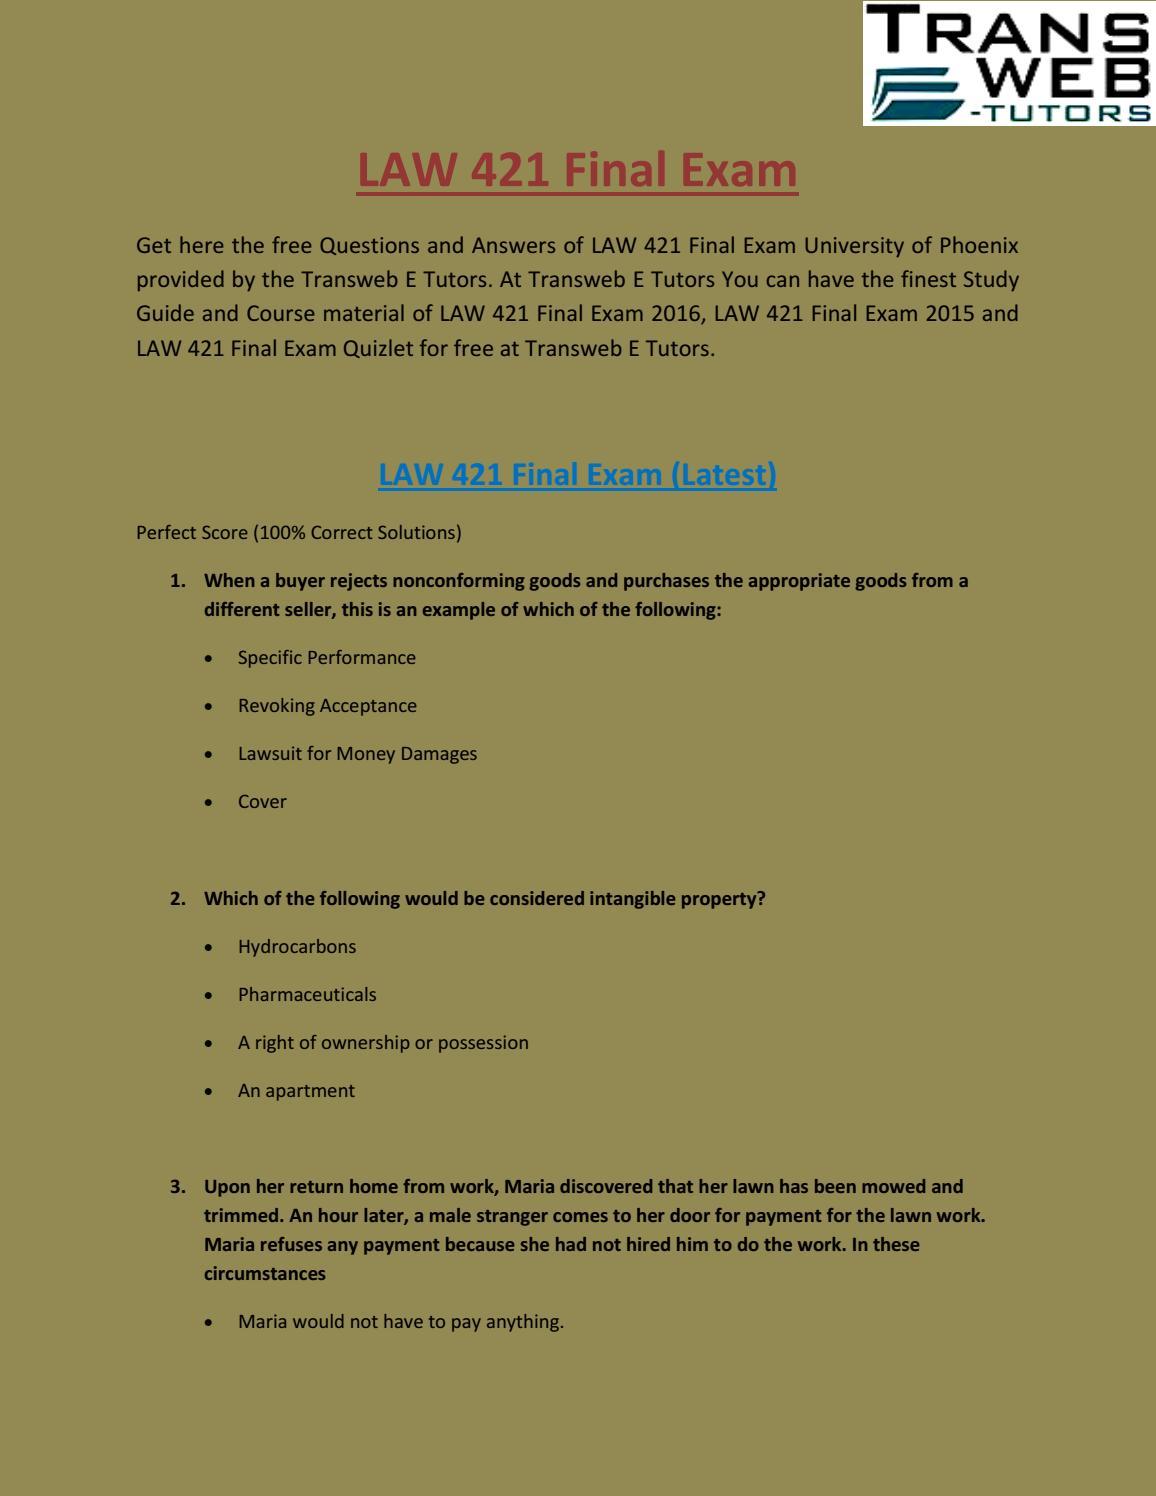 LAW 421 Final Exam | LAW 421 Final Exam Answers for Free: Transweb E Tutors  by Transweb E Tutors - issuu